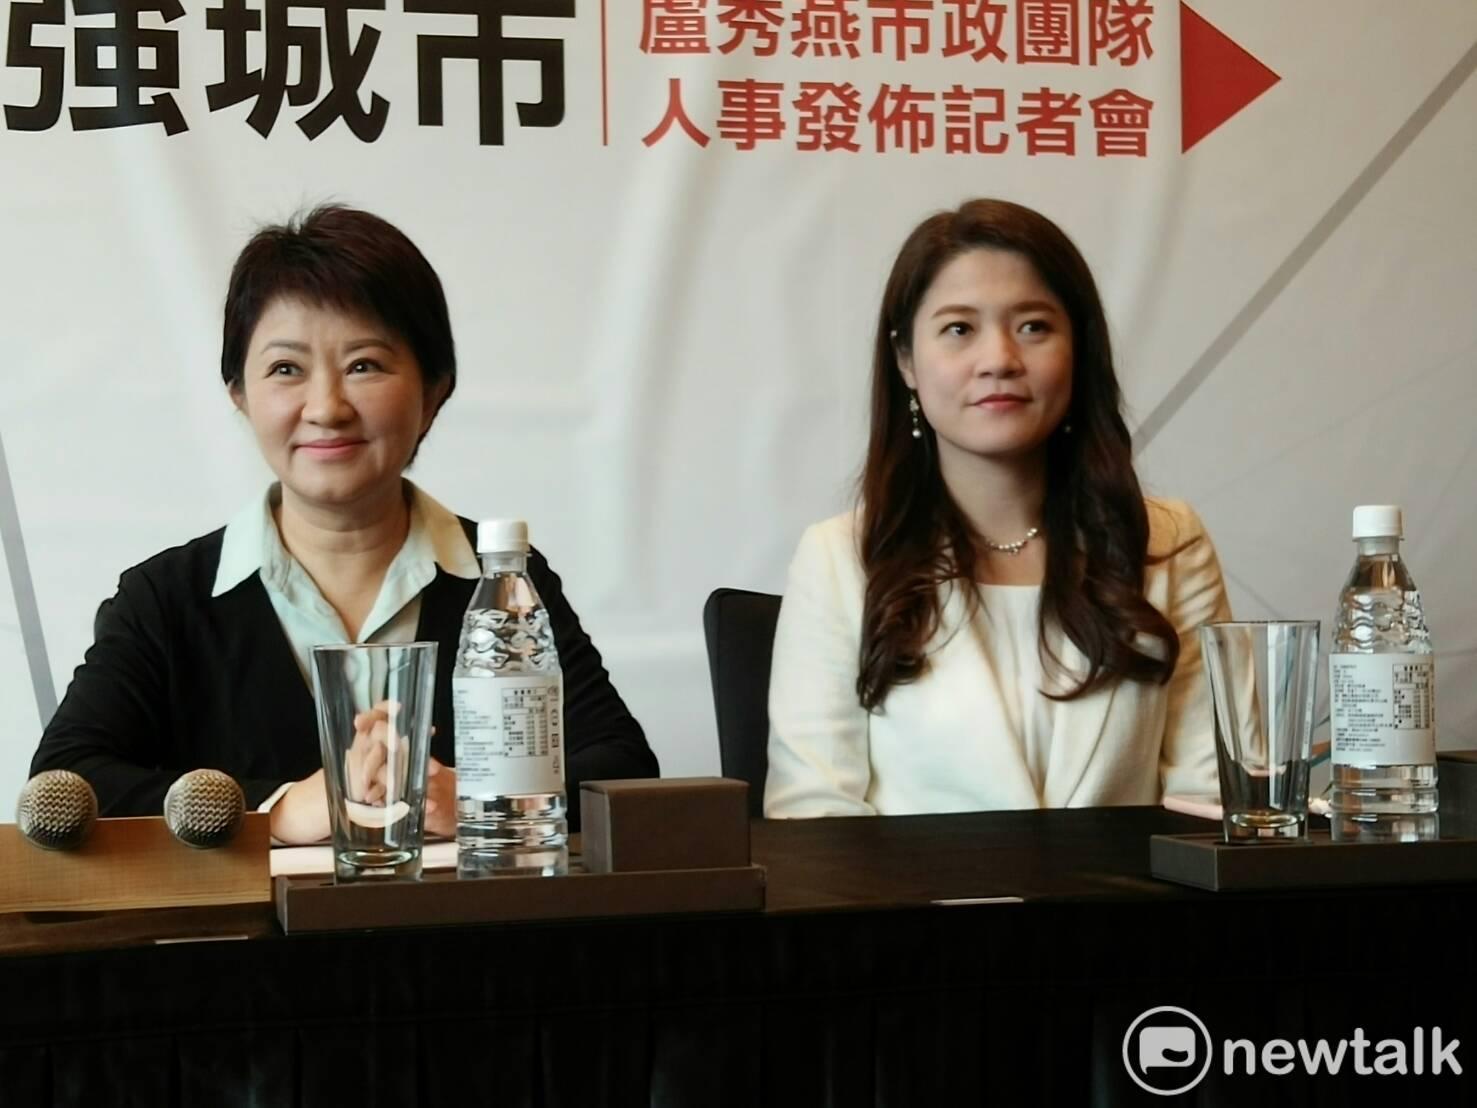 盧秀燕曾以市長當選人身分為林筱淇舉行人事發佈記者會。 唐復年/攝  新頭殼資料照